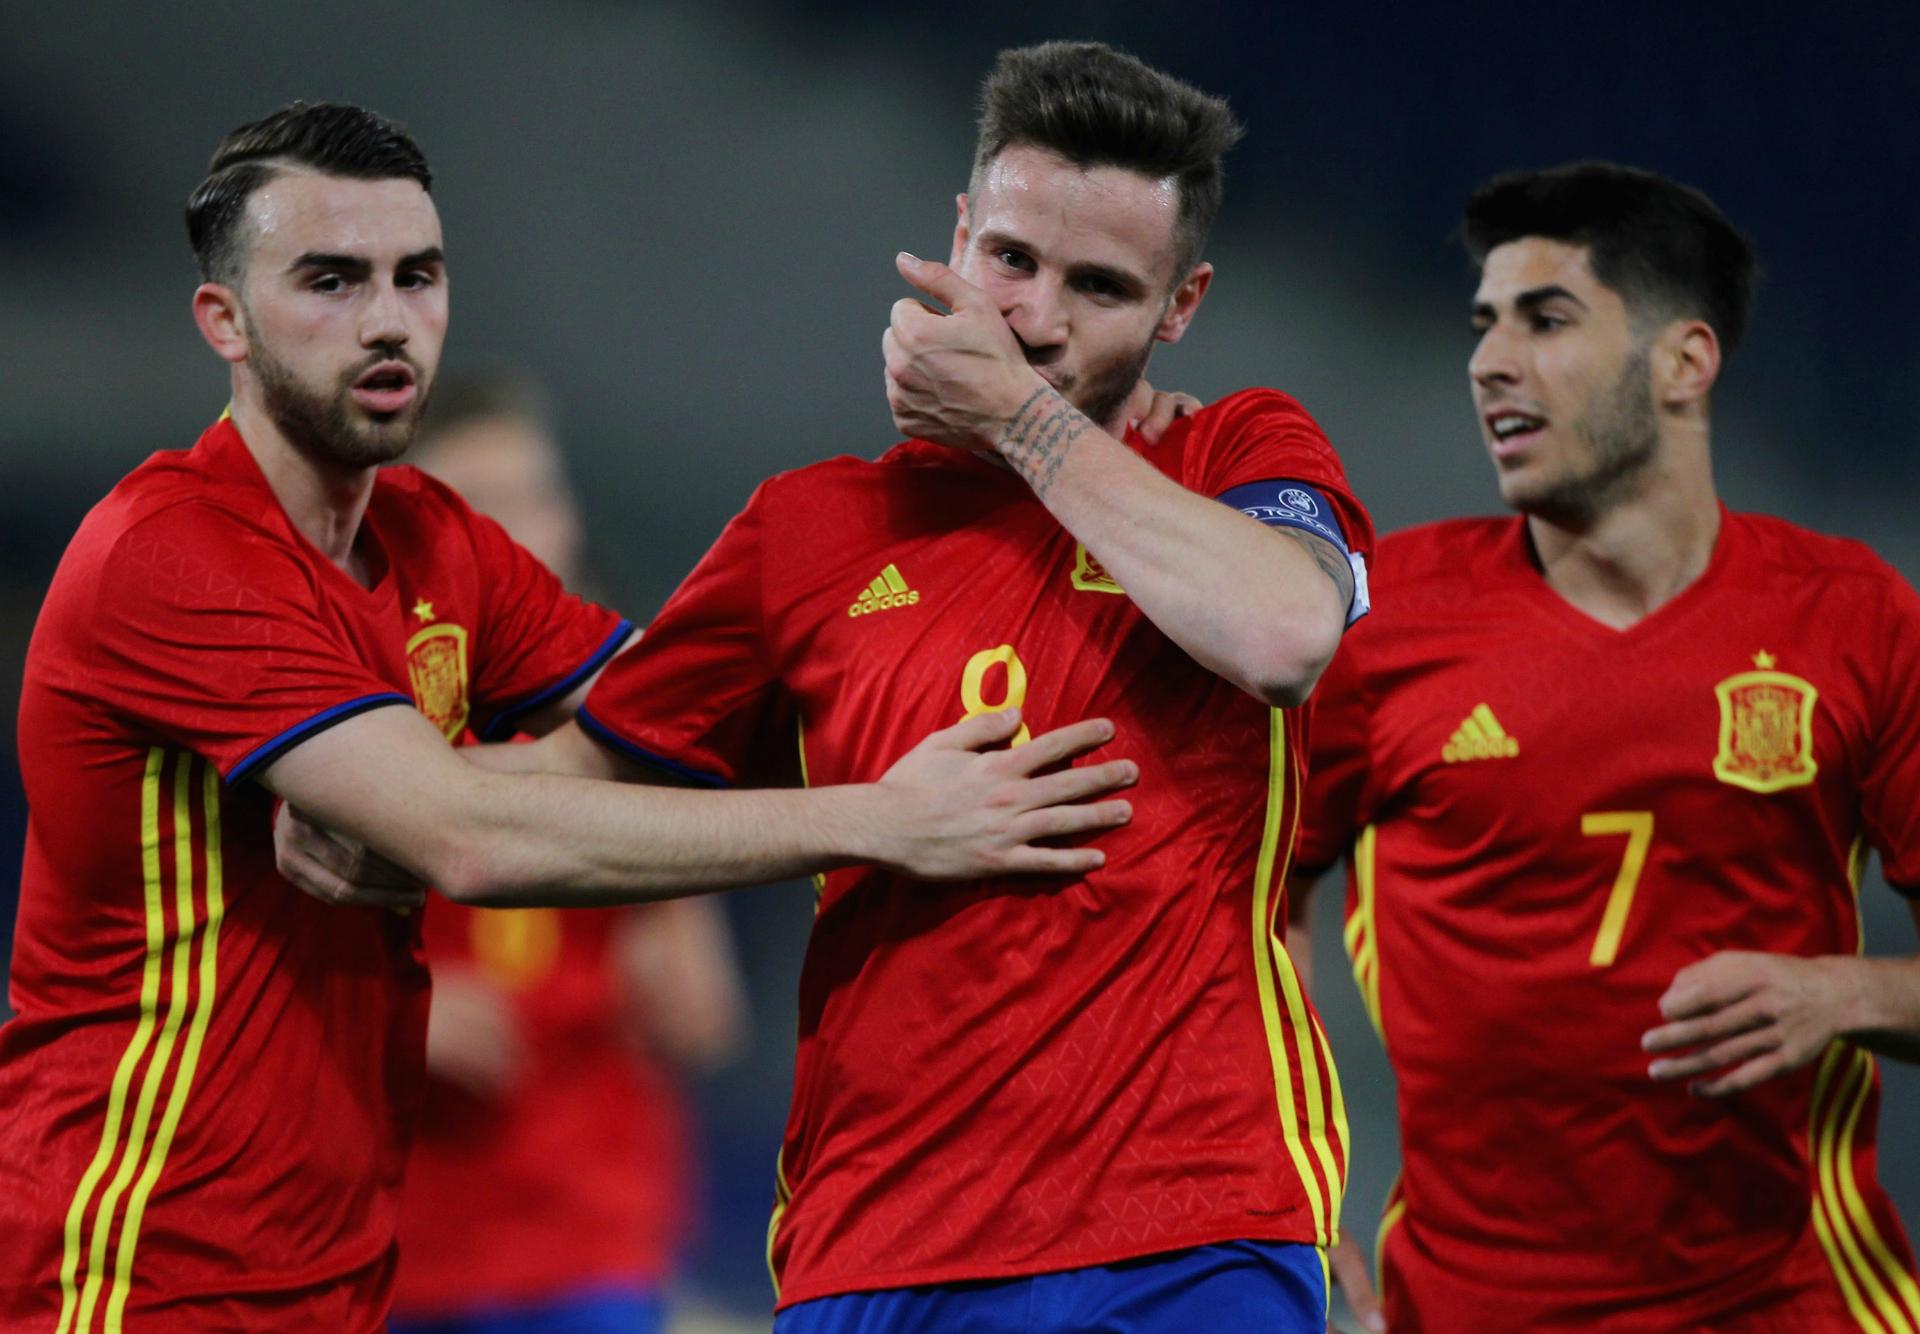 Europei Under 21 2017 - Portogallo-Spagna, le formazioni ufficiali